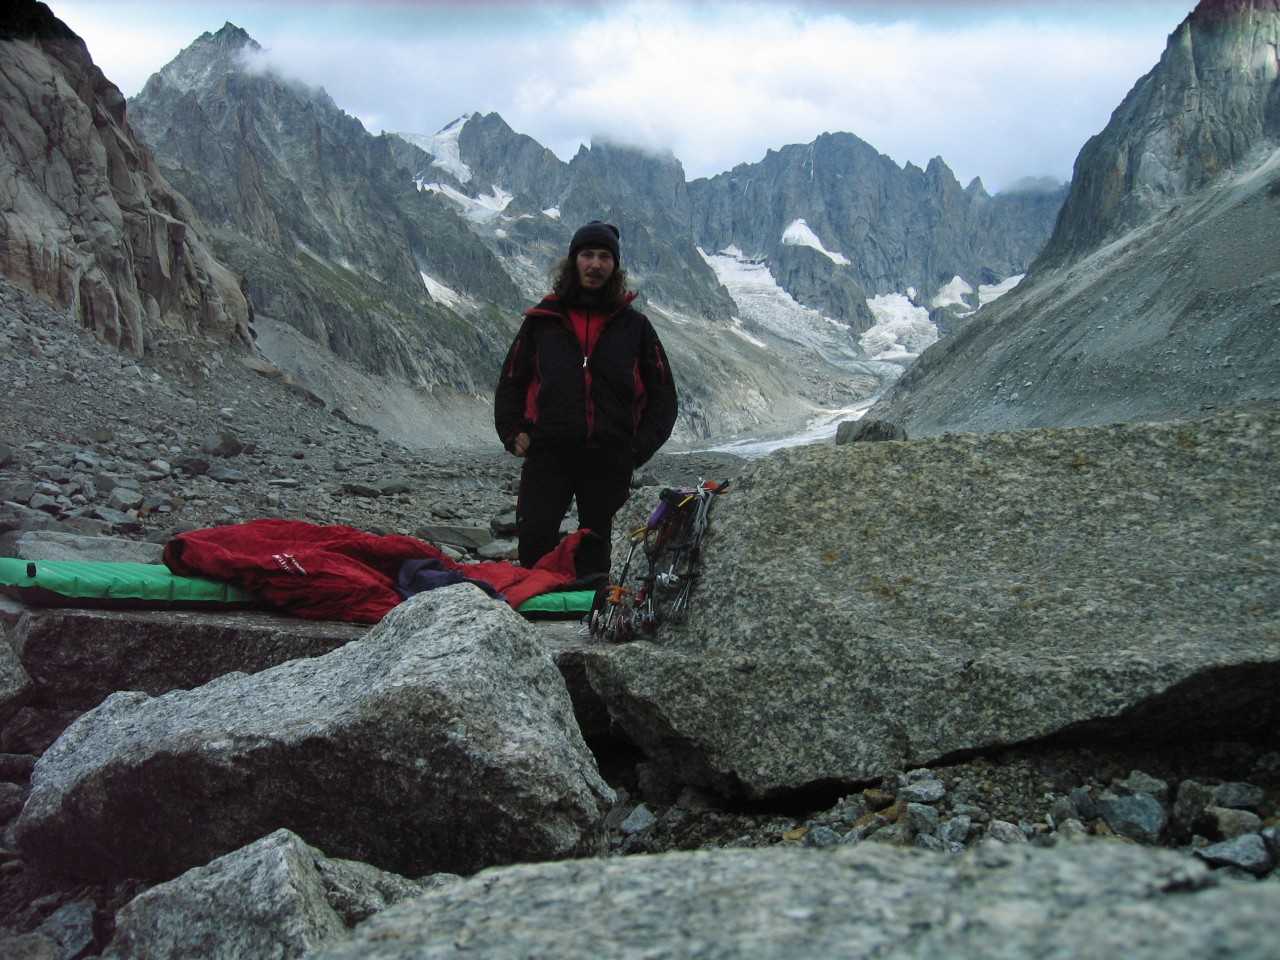 Táborhely a Grandes Jorasses előtt a puszta gleccseren Forrás: Salamon Márk